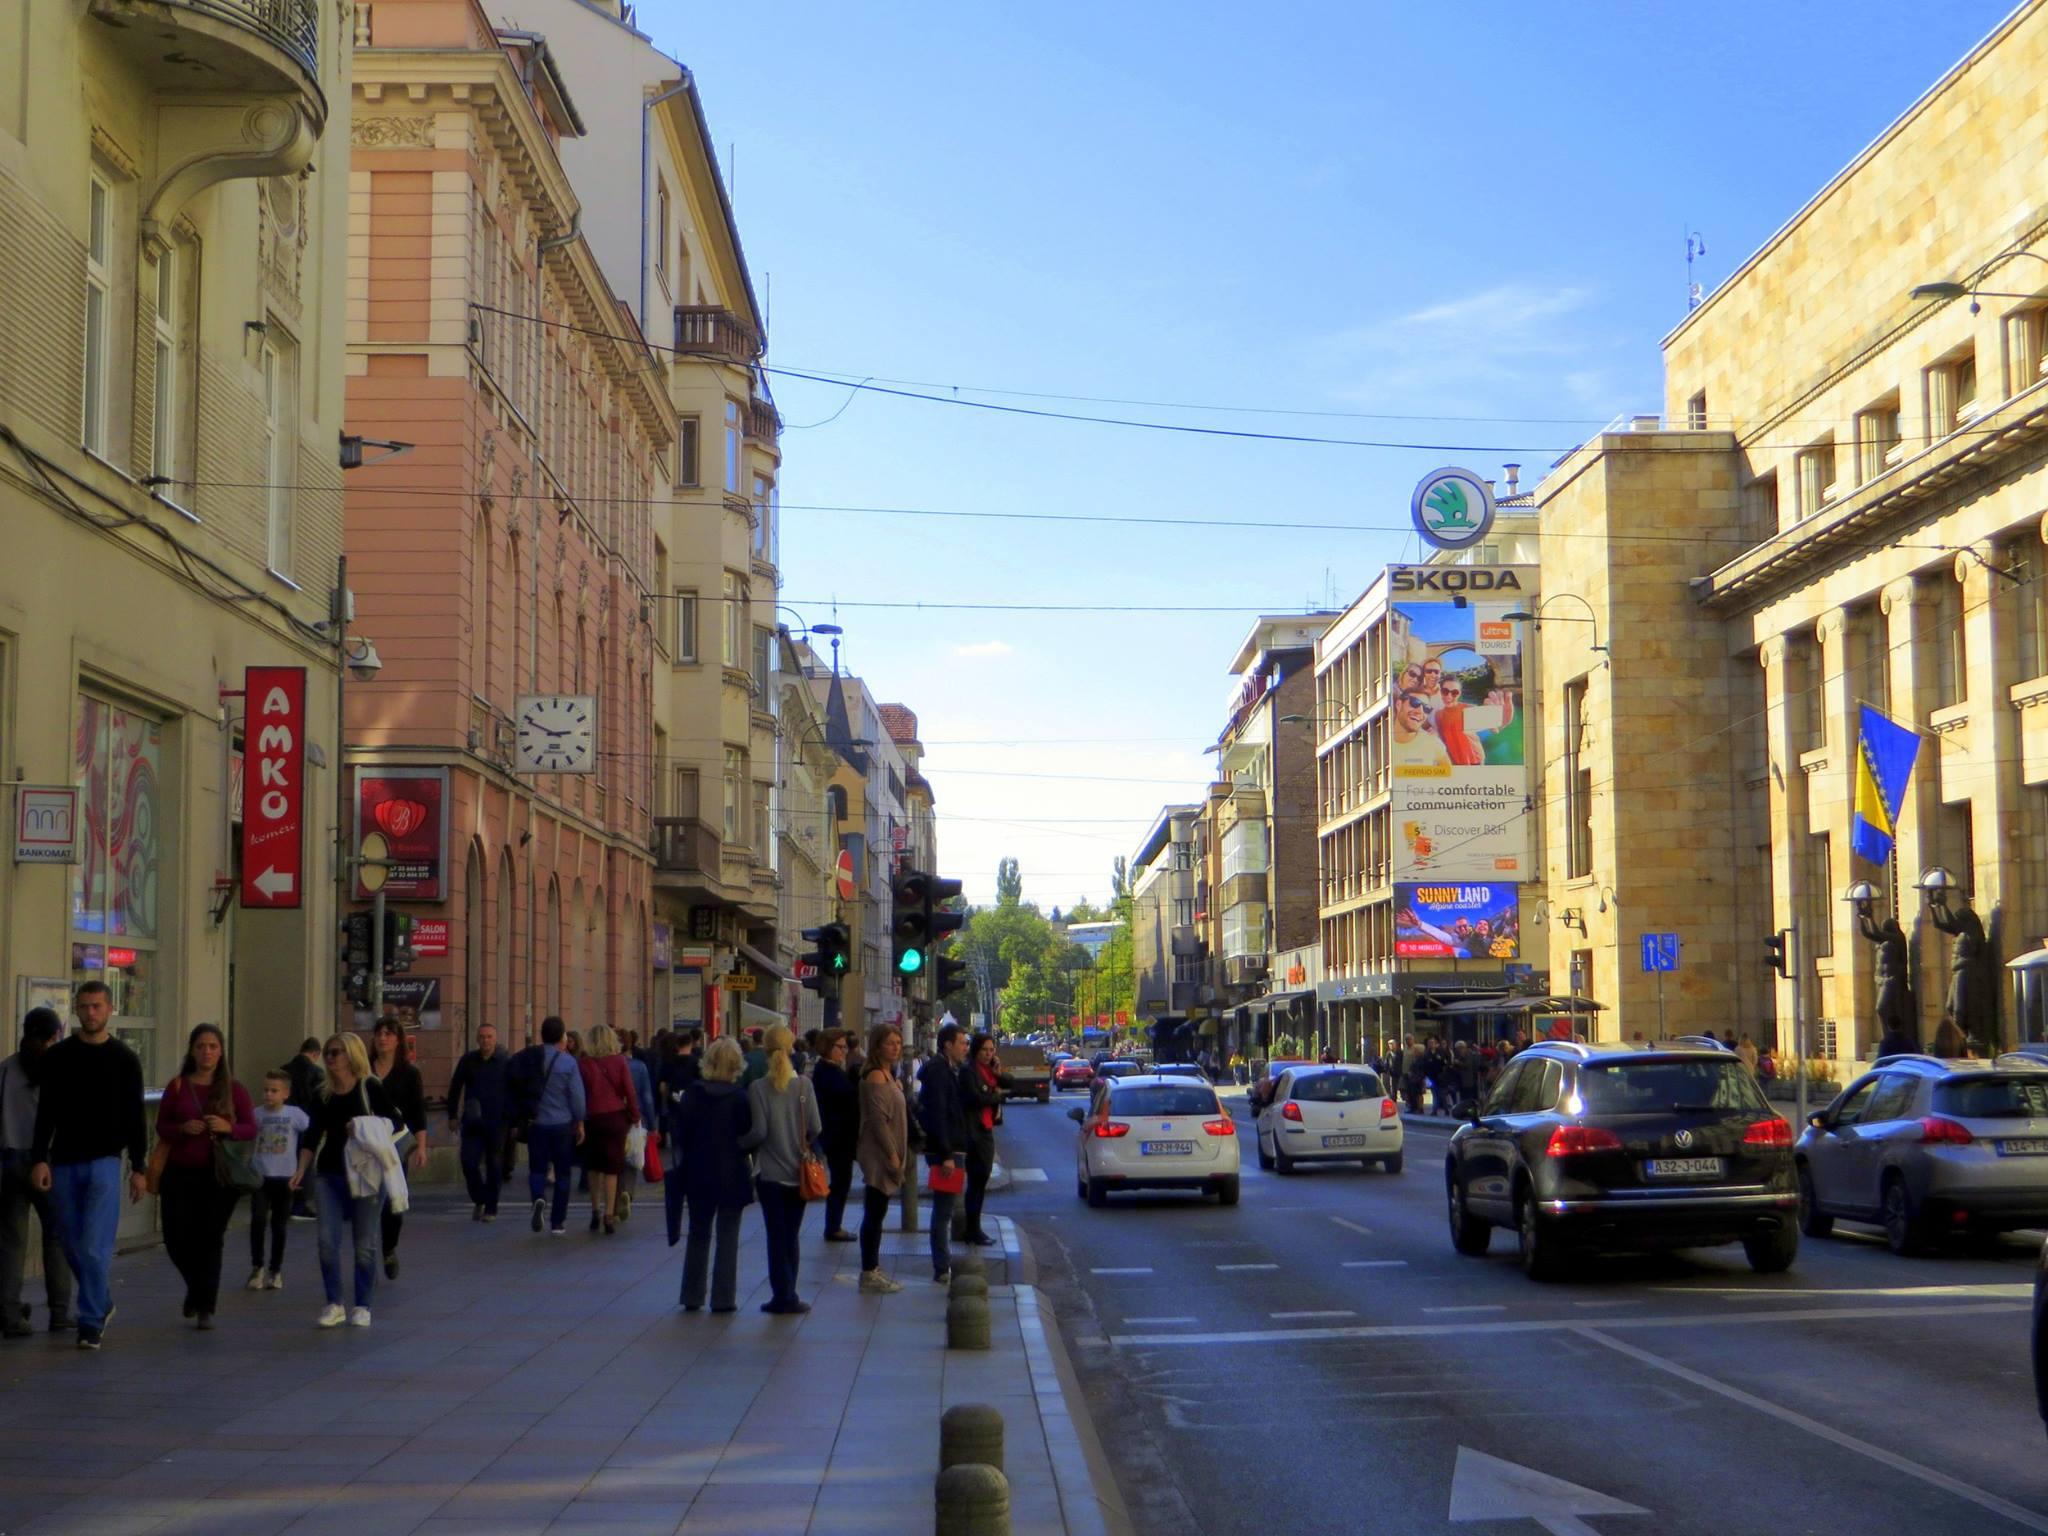 Sunčani četvrtak u Titovoj (Sarajevo, 6. oktobar 2017, foto: Mina Ćorić)